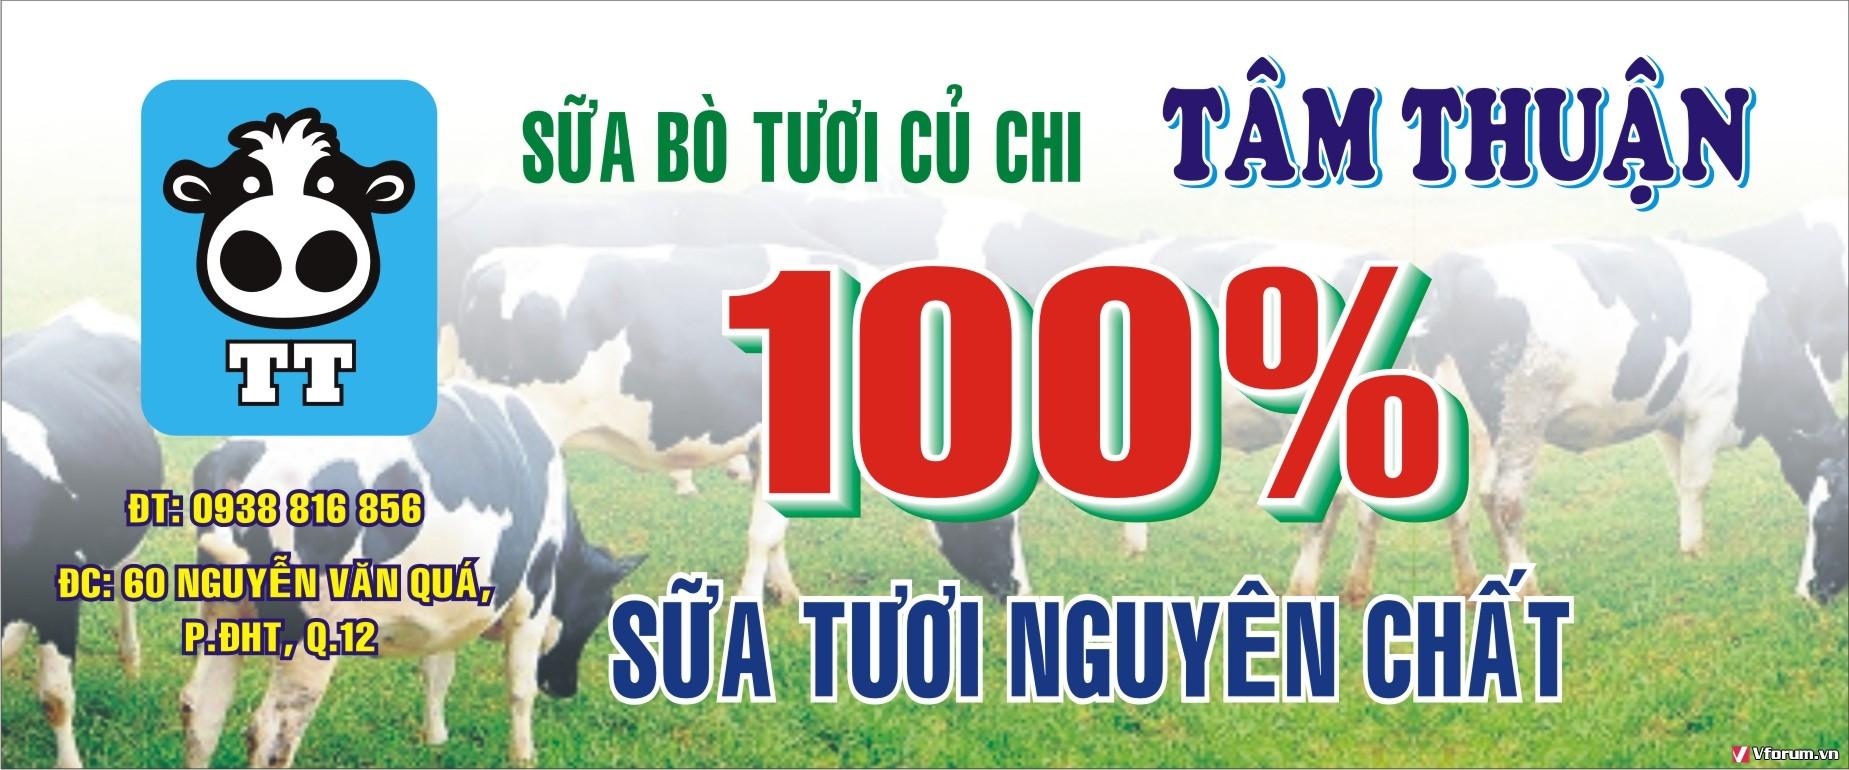 mua sữa bò tươi tại hcm có đắt không